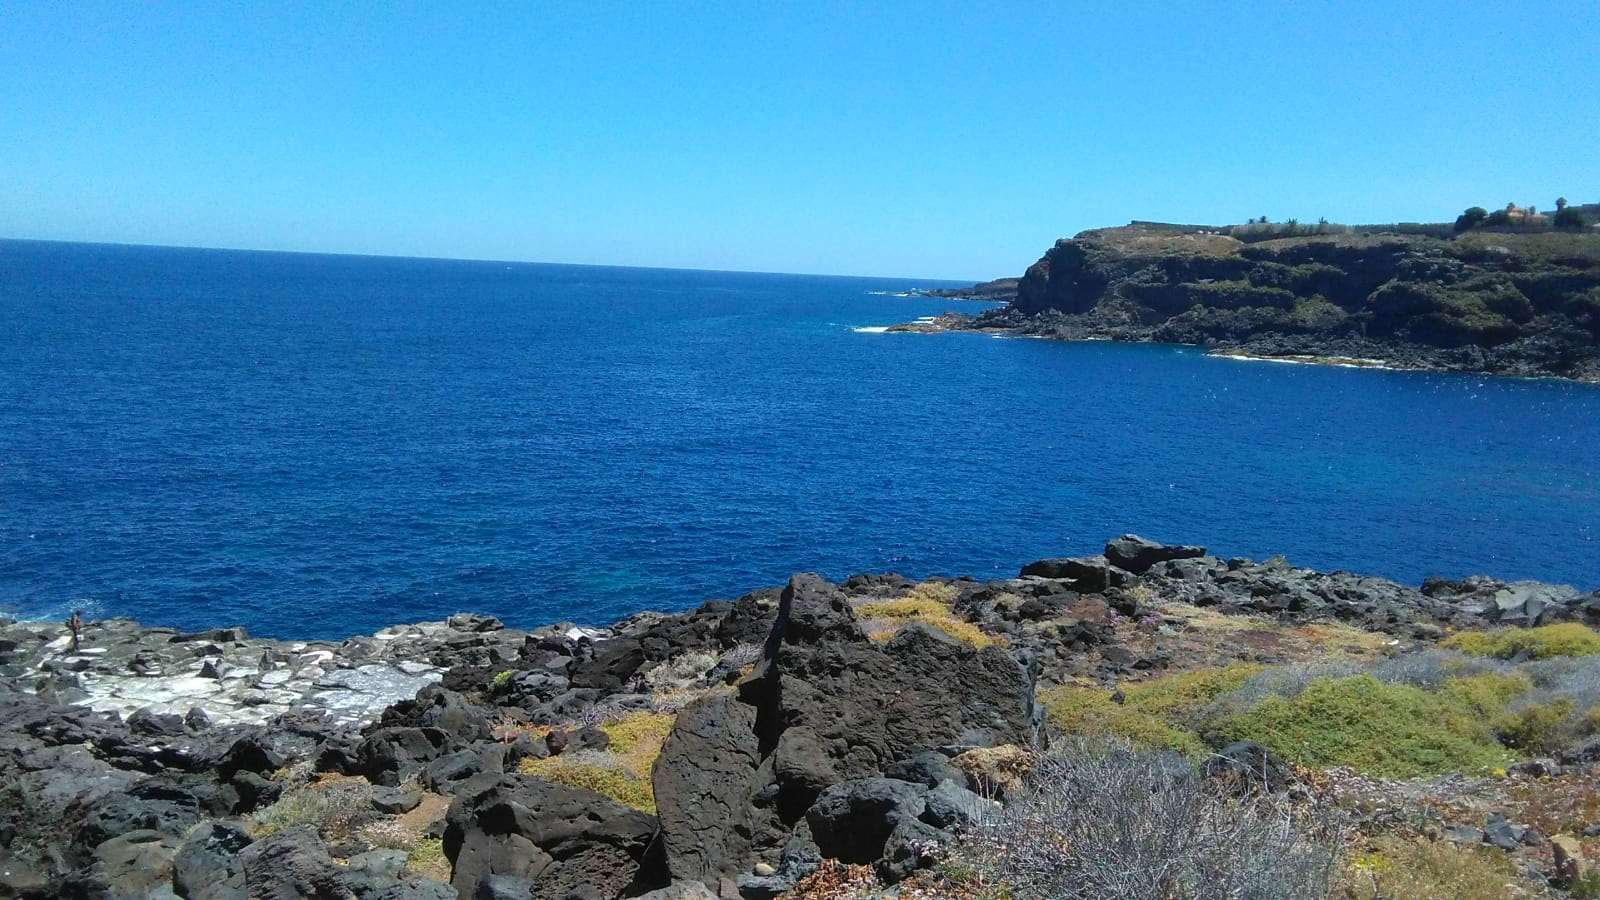 El color blanco de las salinas (a la izquierda) destacan sobre la lava y el azul del mar